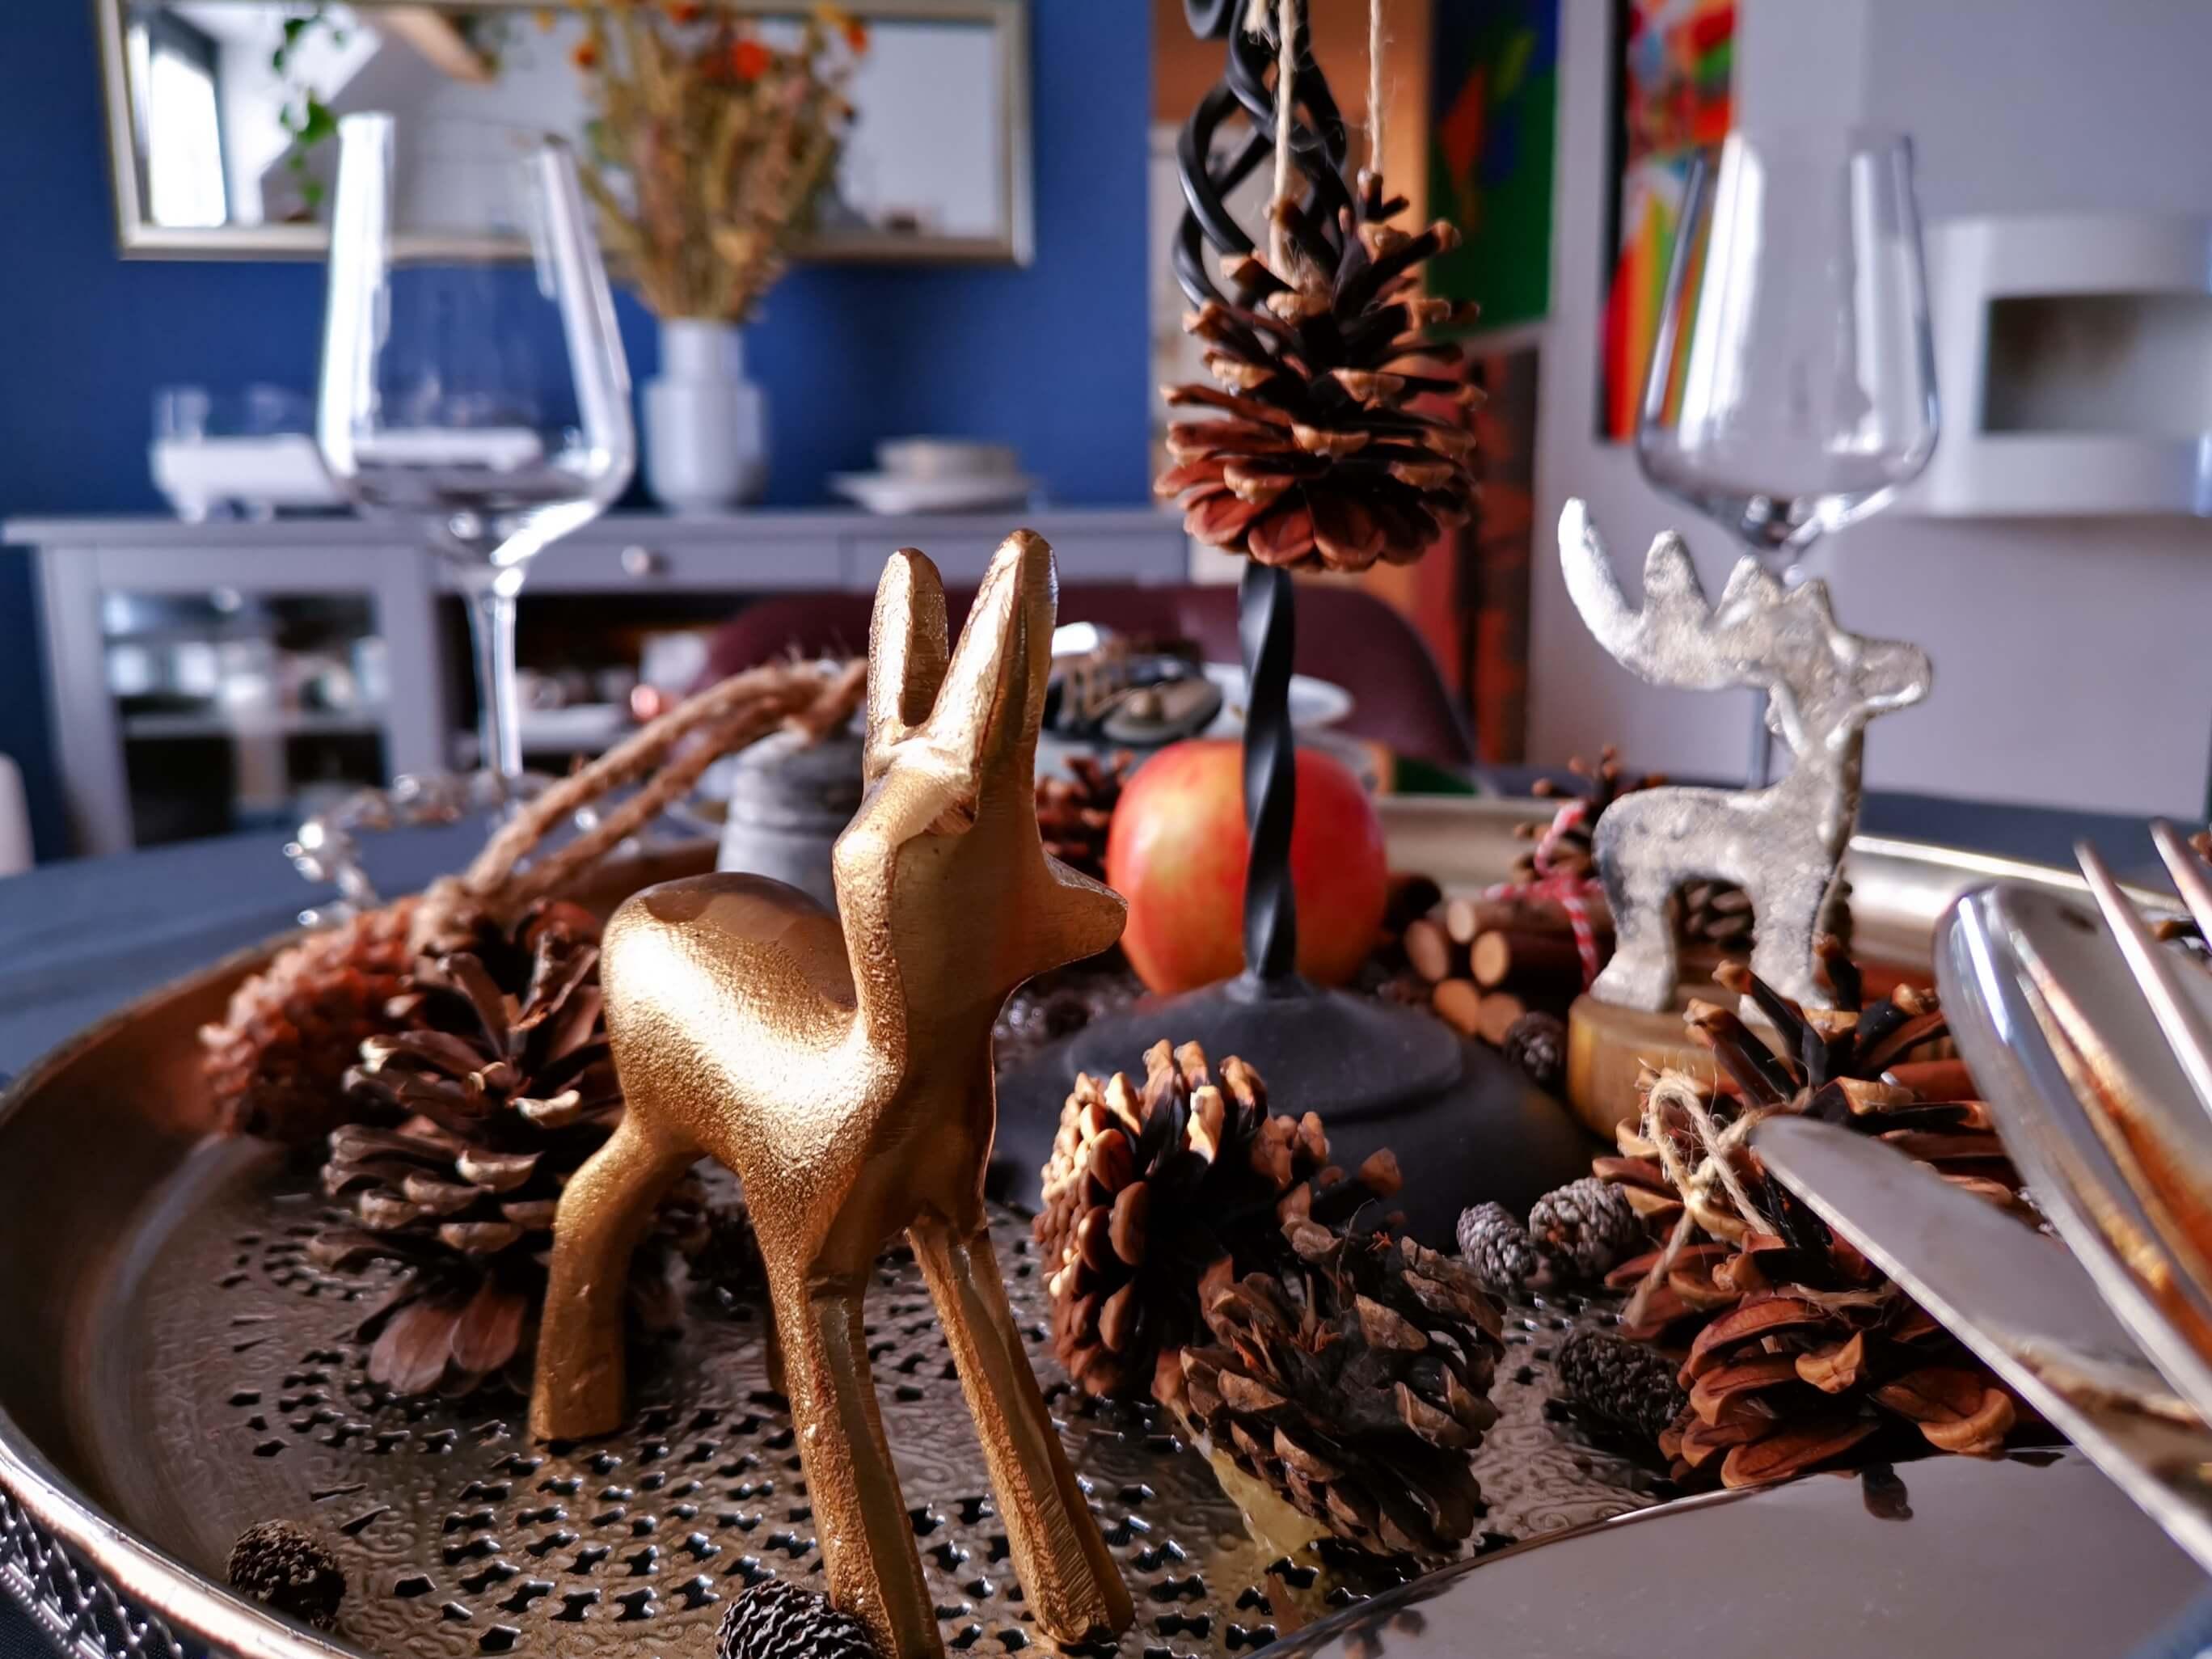 IMG 20191201 135759 resized 20191201 082746872 - Inšpirácia na krásne vyzdobený vianočný stôl